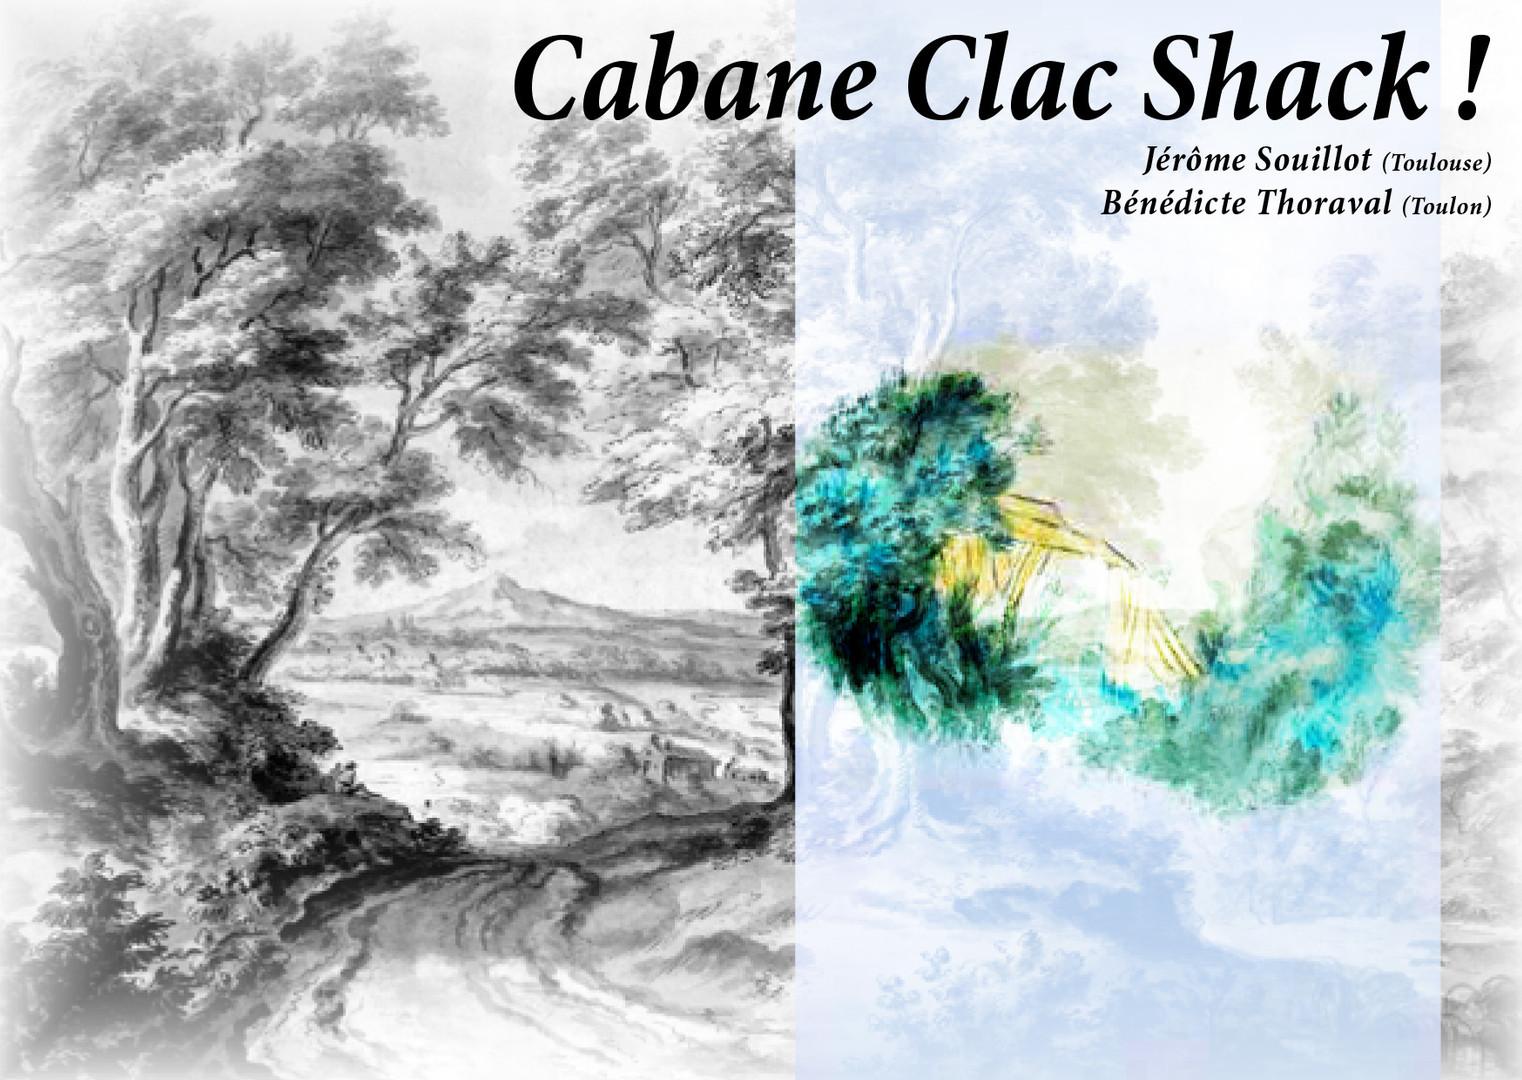 Cabane Clac Shack! Bénédicte Thoraval et Jérôme Souillot_1 .jpg